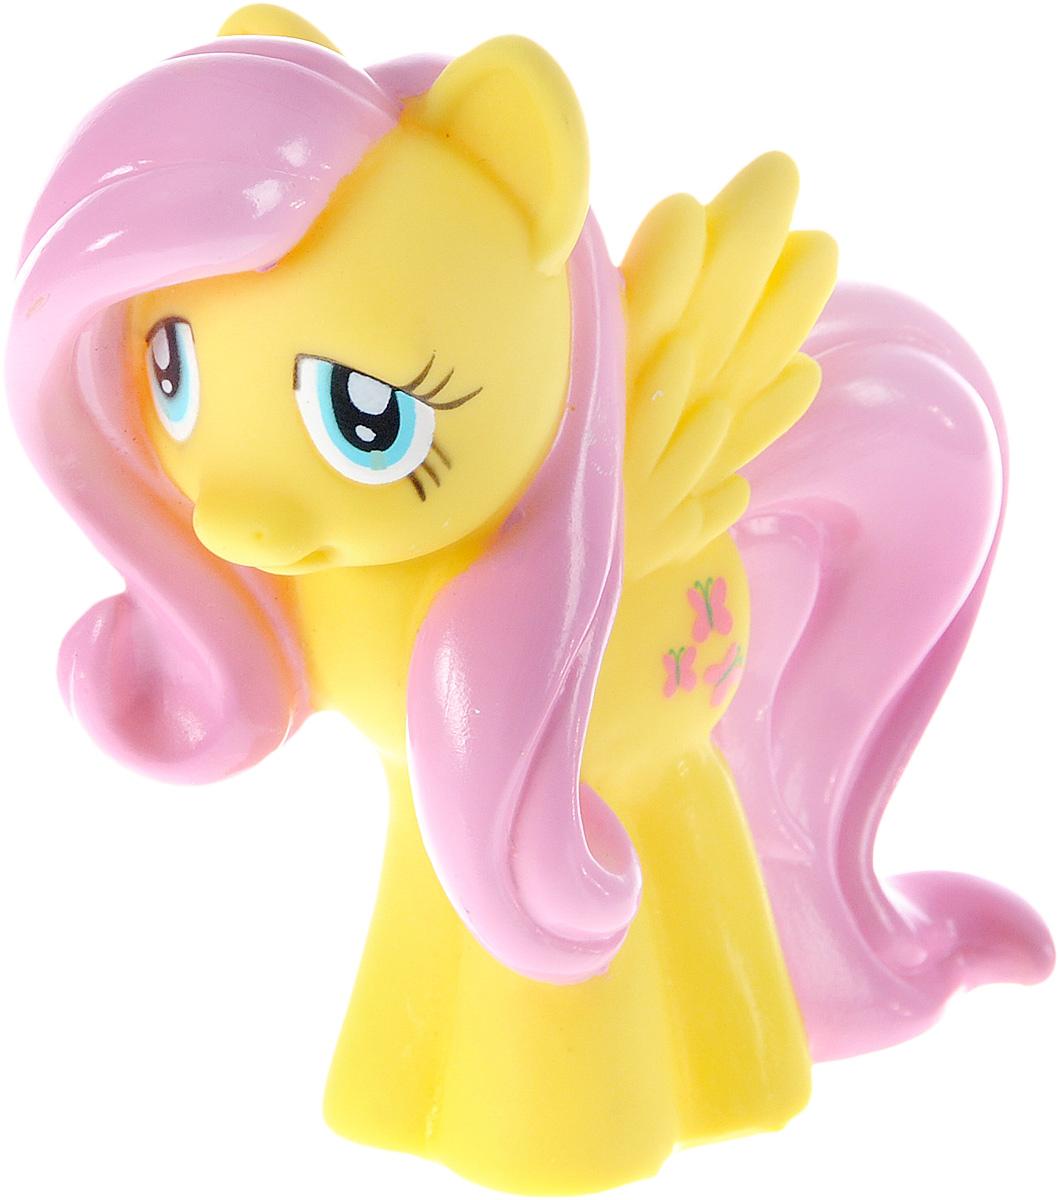 Играем вместе Игрушка для ванной My Little Pony цвет желтый розовый1BLS_желтый, розовыйИгрушка для ванной Играем вместе My Little Pony непременно понравится вашему малышу и развлечет его во время купания. Игрушка выполнена из безопасного материала в виде одной из героинь мультфильма Мой маленький пони. Размер игрушки идеален для маленьких ручек малыша. Игрушка может брызгать водой и пищать. Игрушка для ванной способствует развитию воображения, цветового восприятия, тактильных ощущений и мелкой моторики рук.